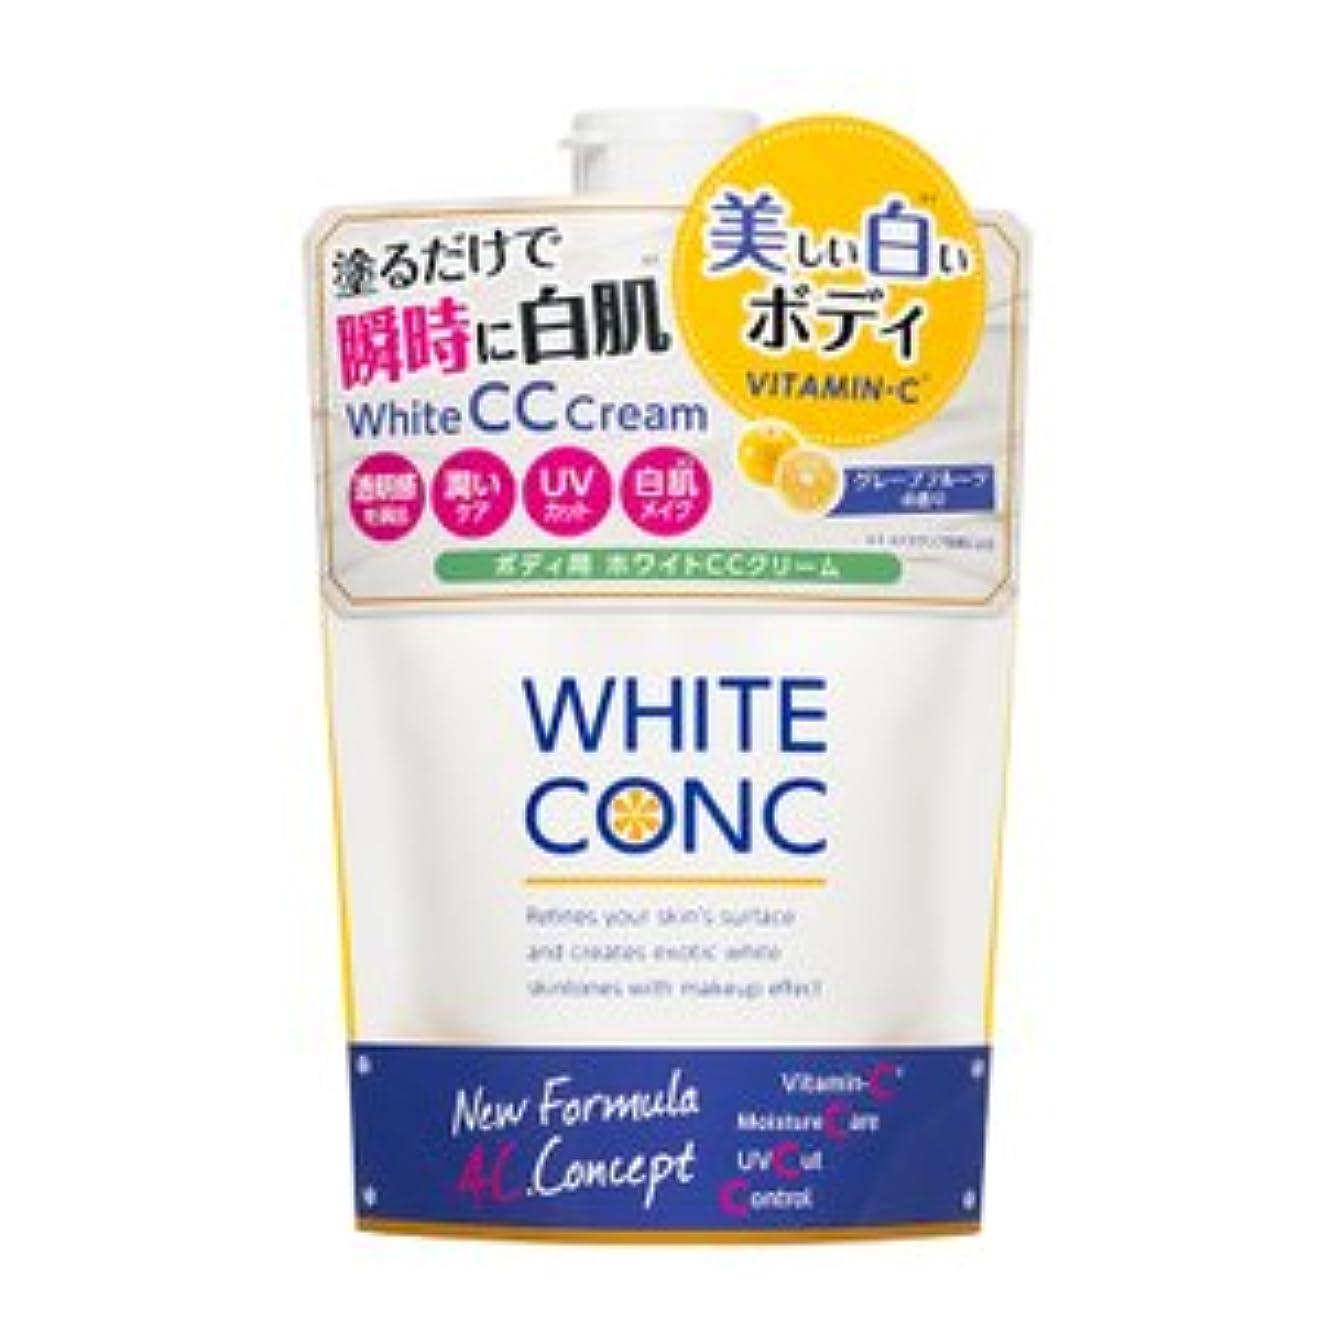 くるくる盆寄付する薬用ホワイトコンクホワイトCCクリーム 200g